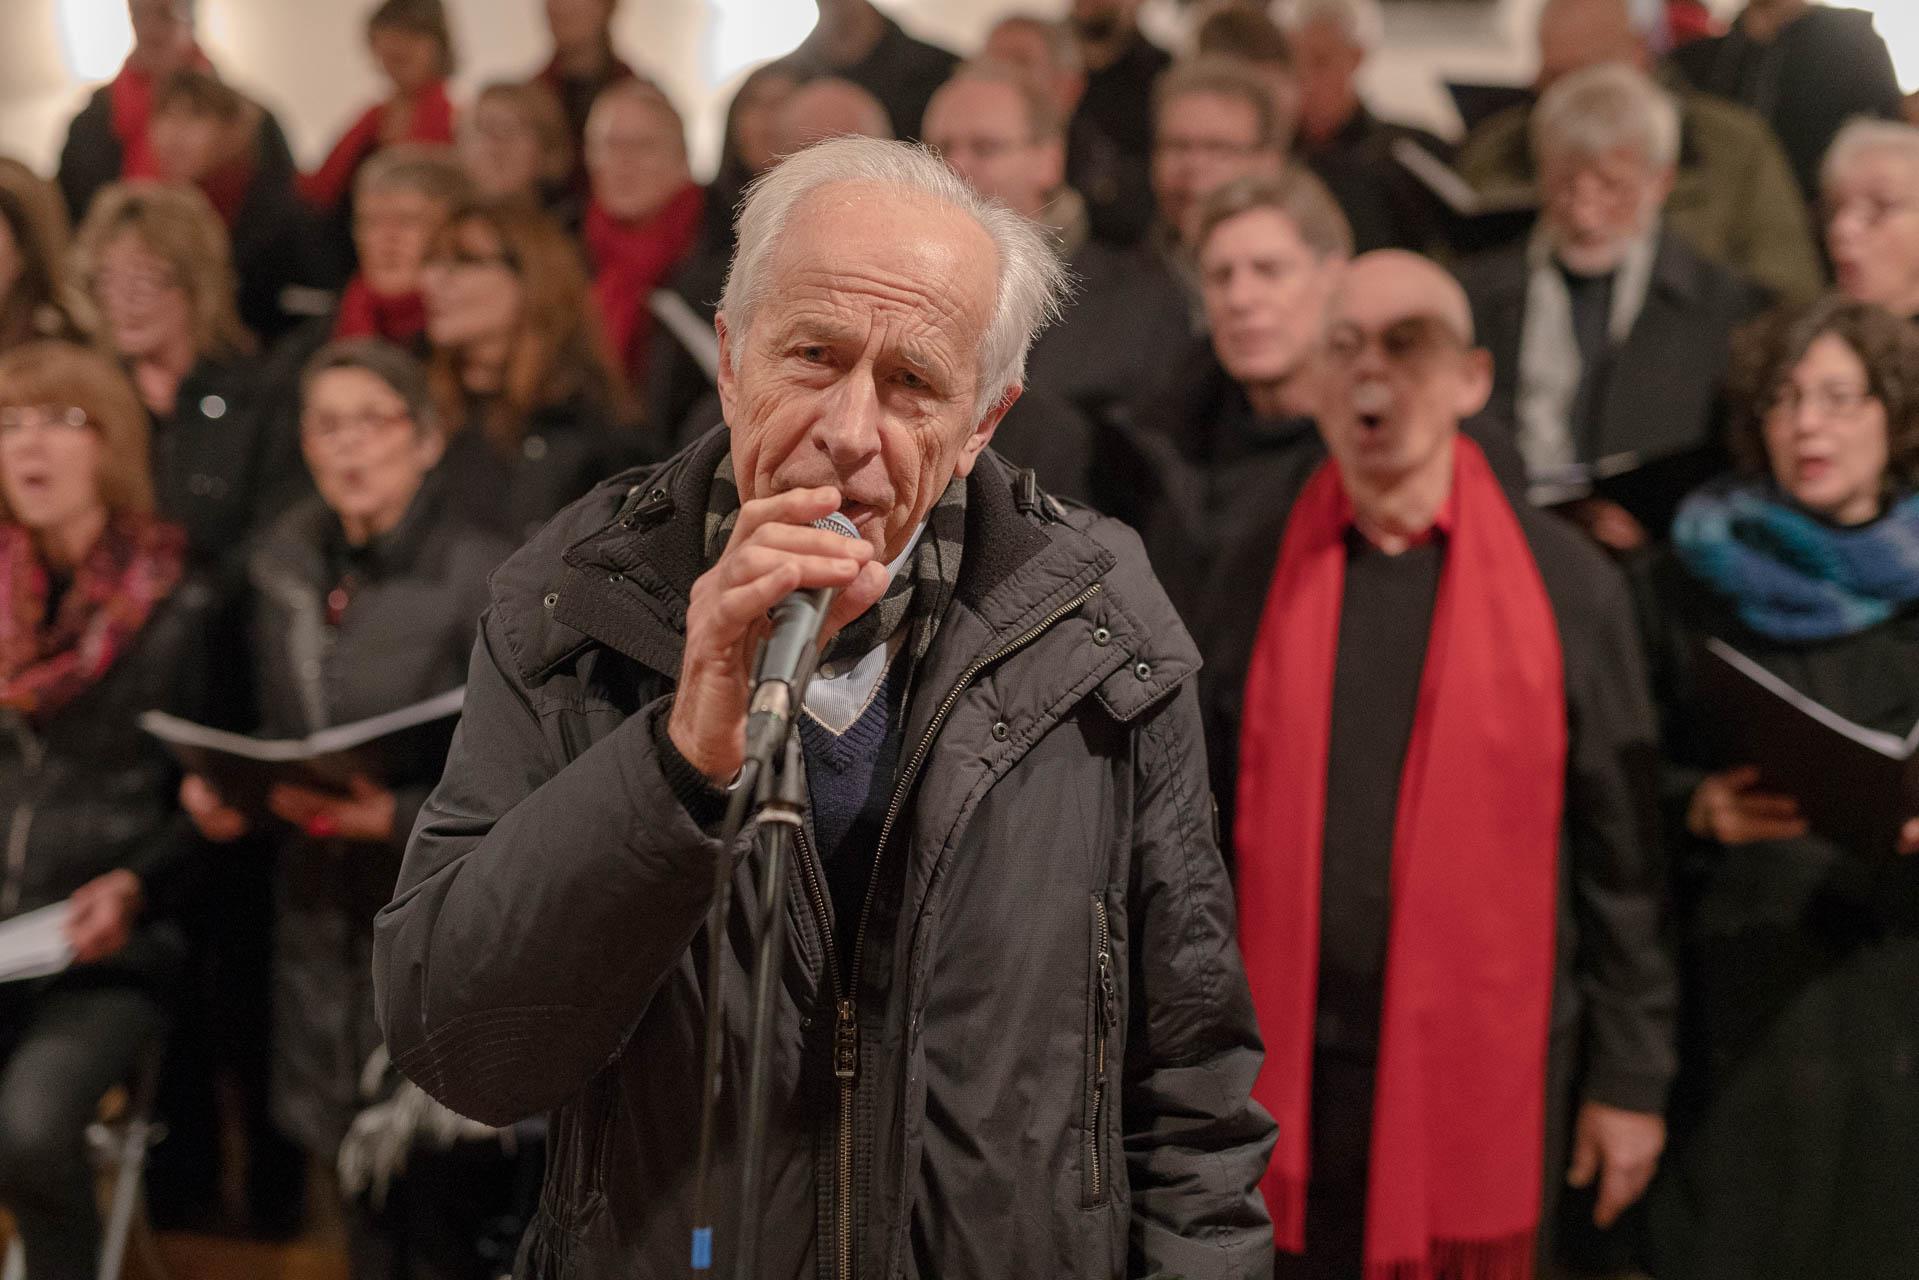 Herbert Polster